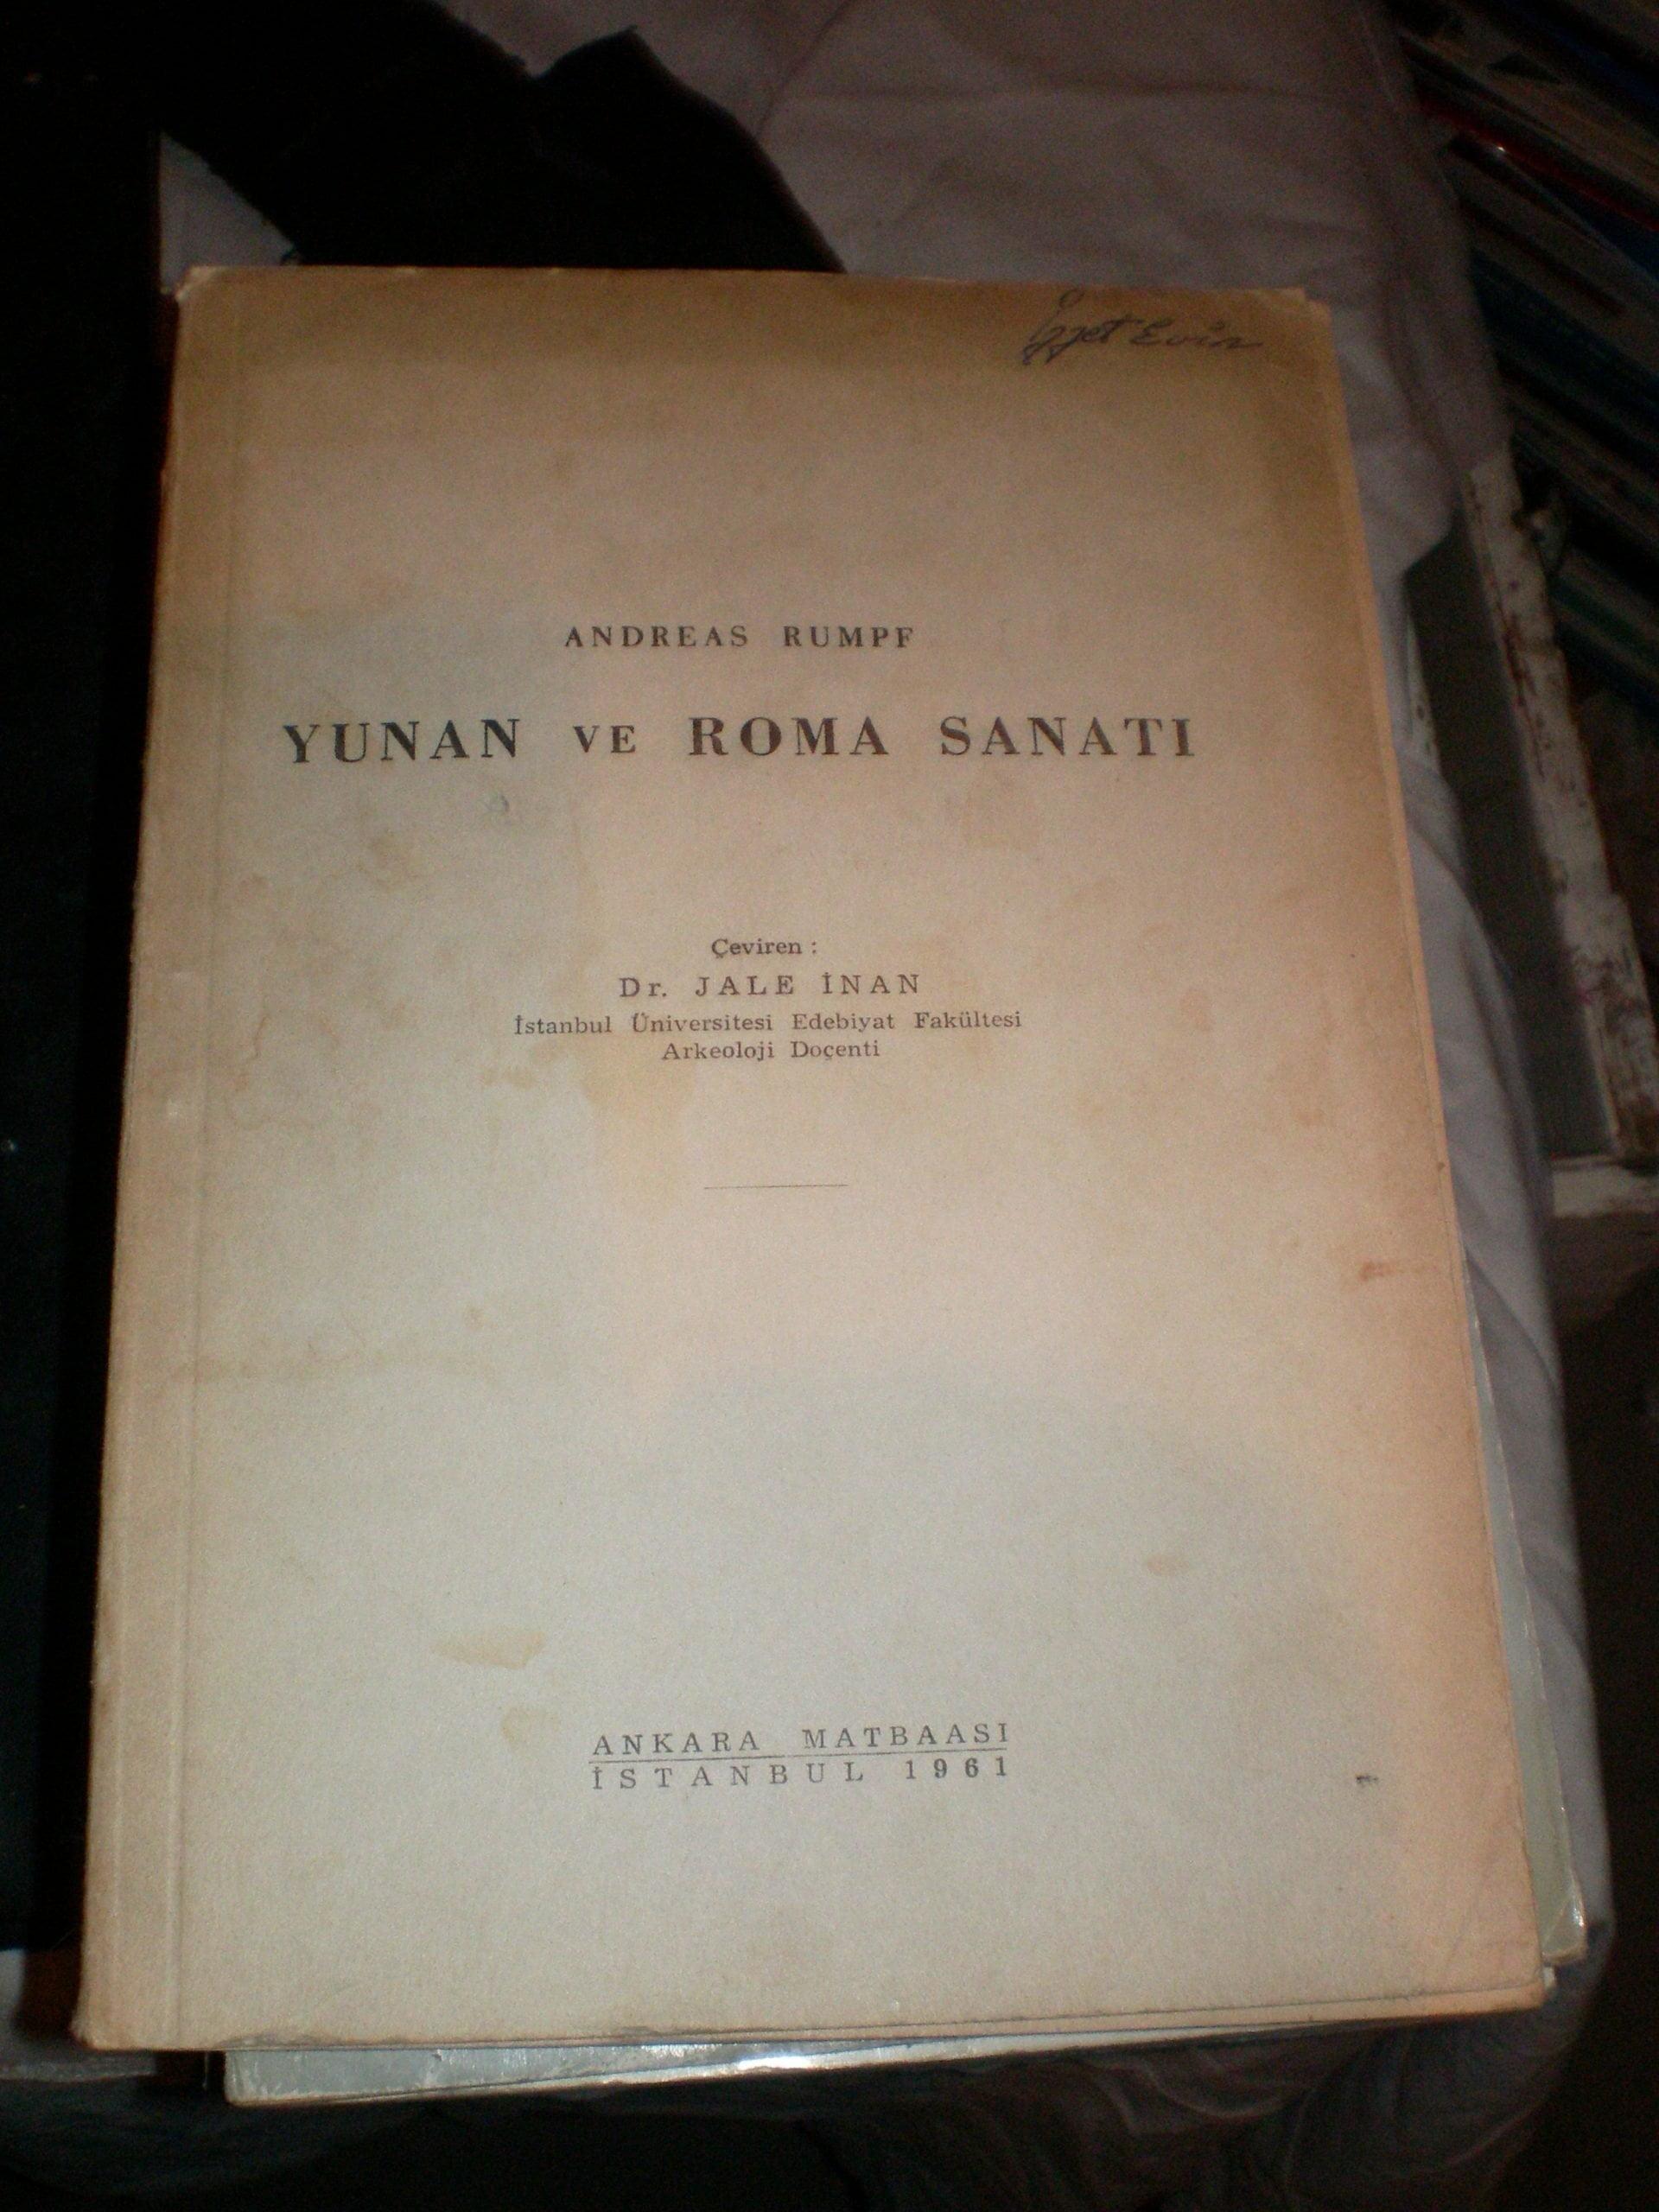 YUNAN ve ROMA SANATI/ANDREAS RUMPF/ 25 TL